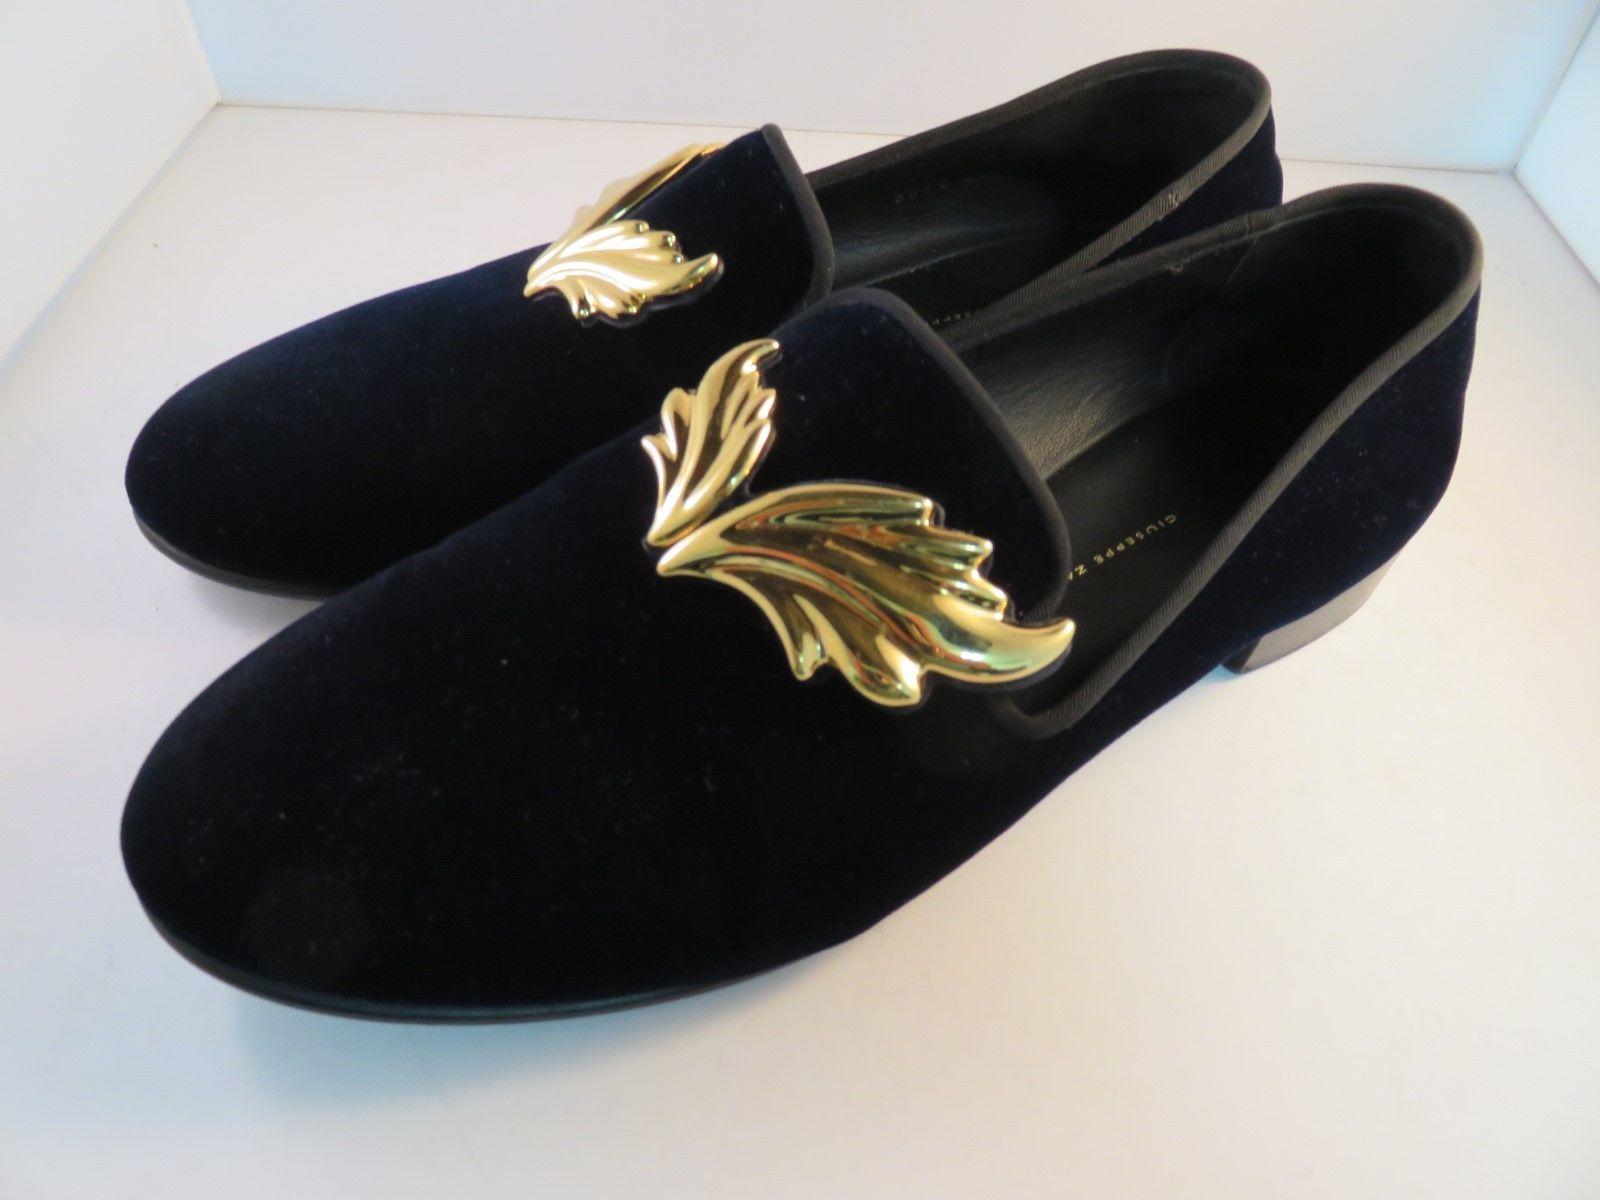 b41e4325b6f Giuseppe Zanotti Men's Dalila Wings Dark and 50 similar items